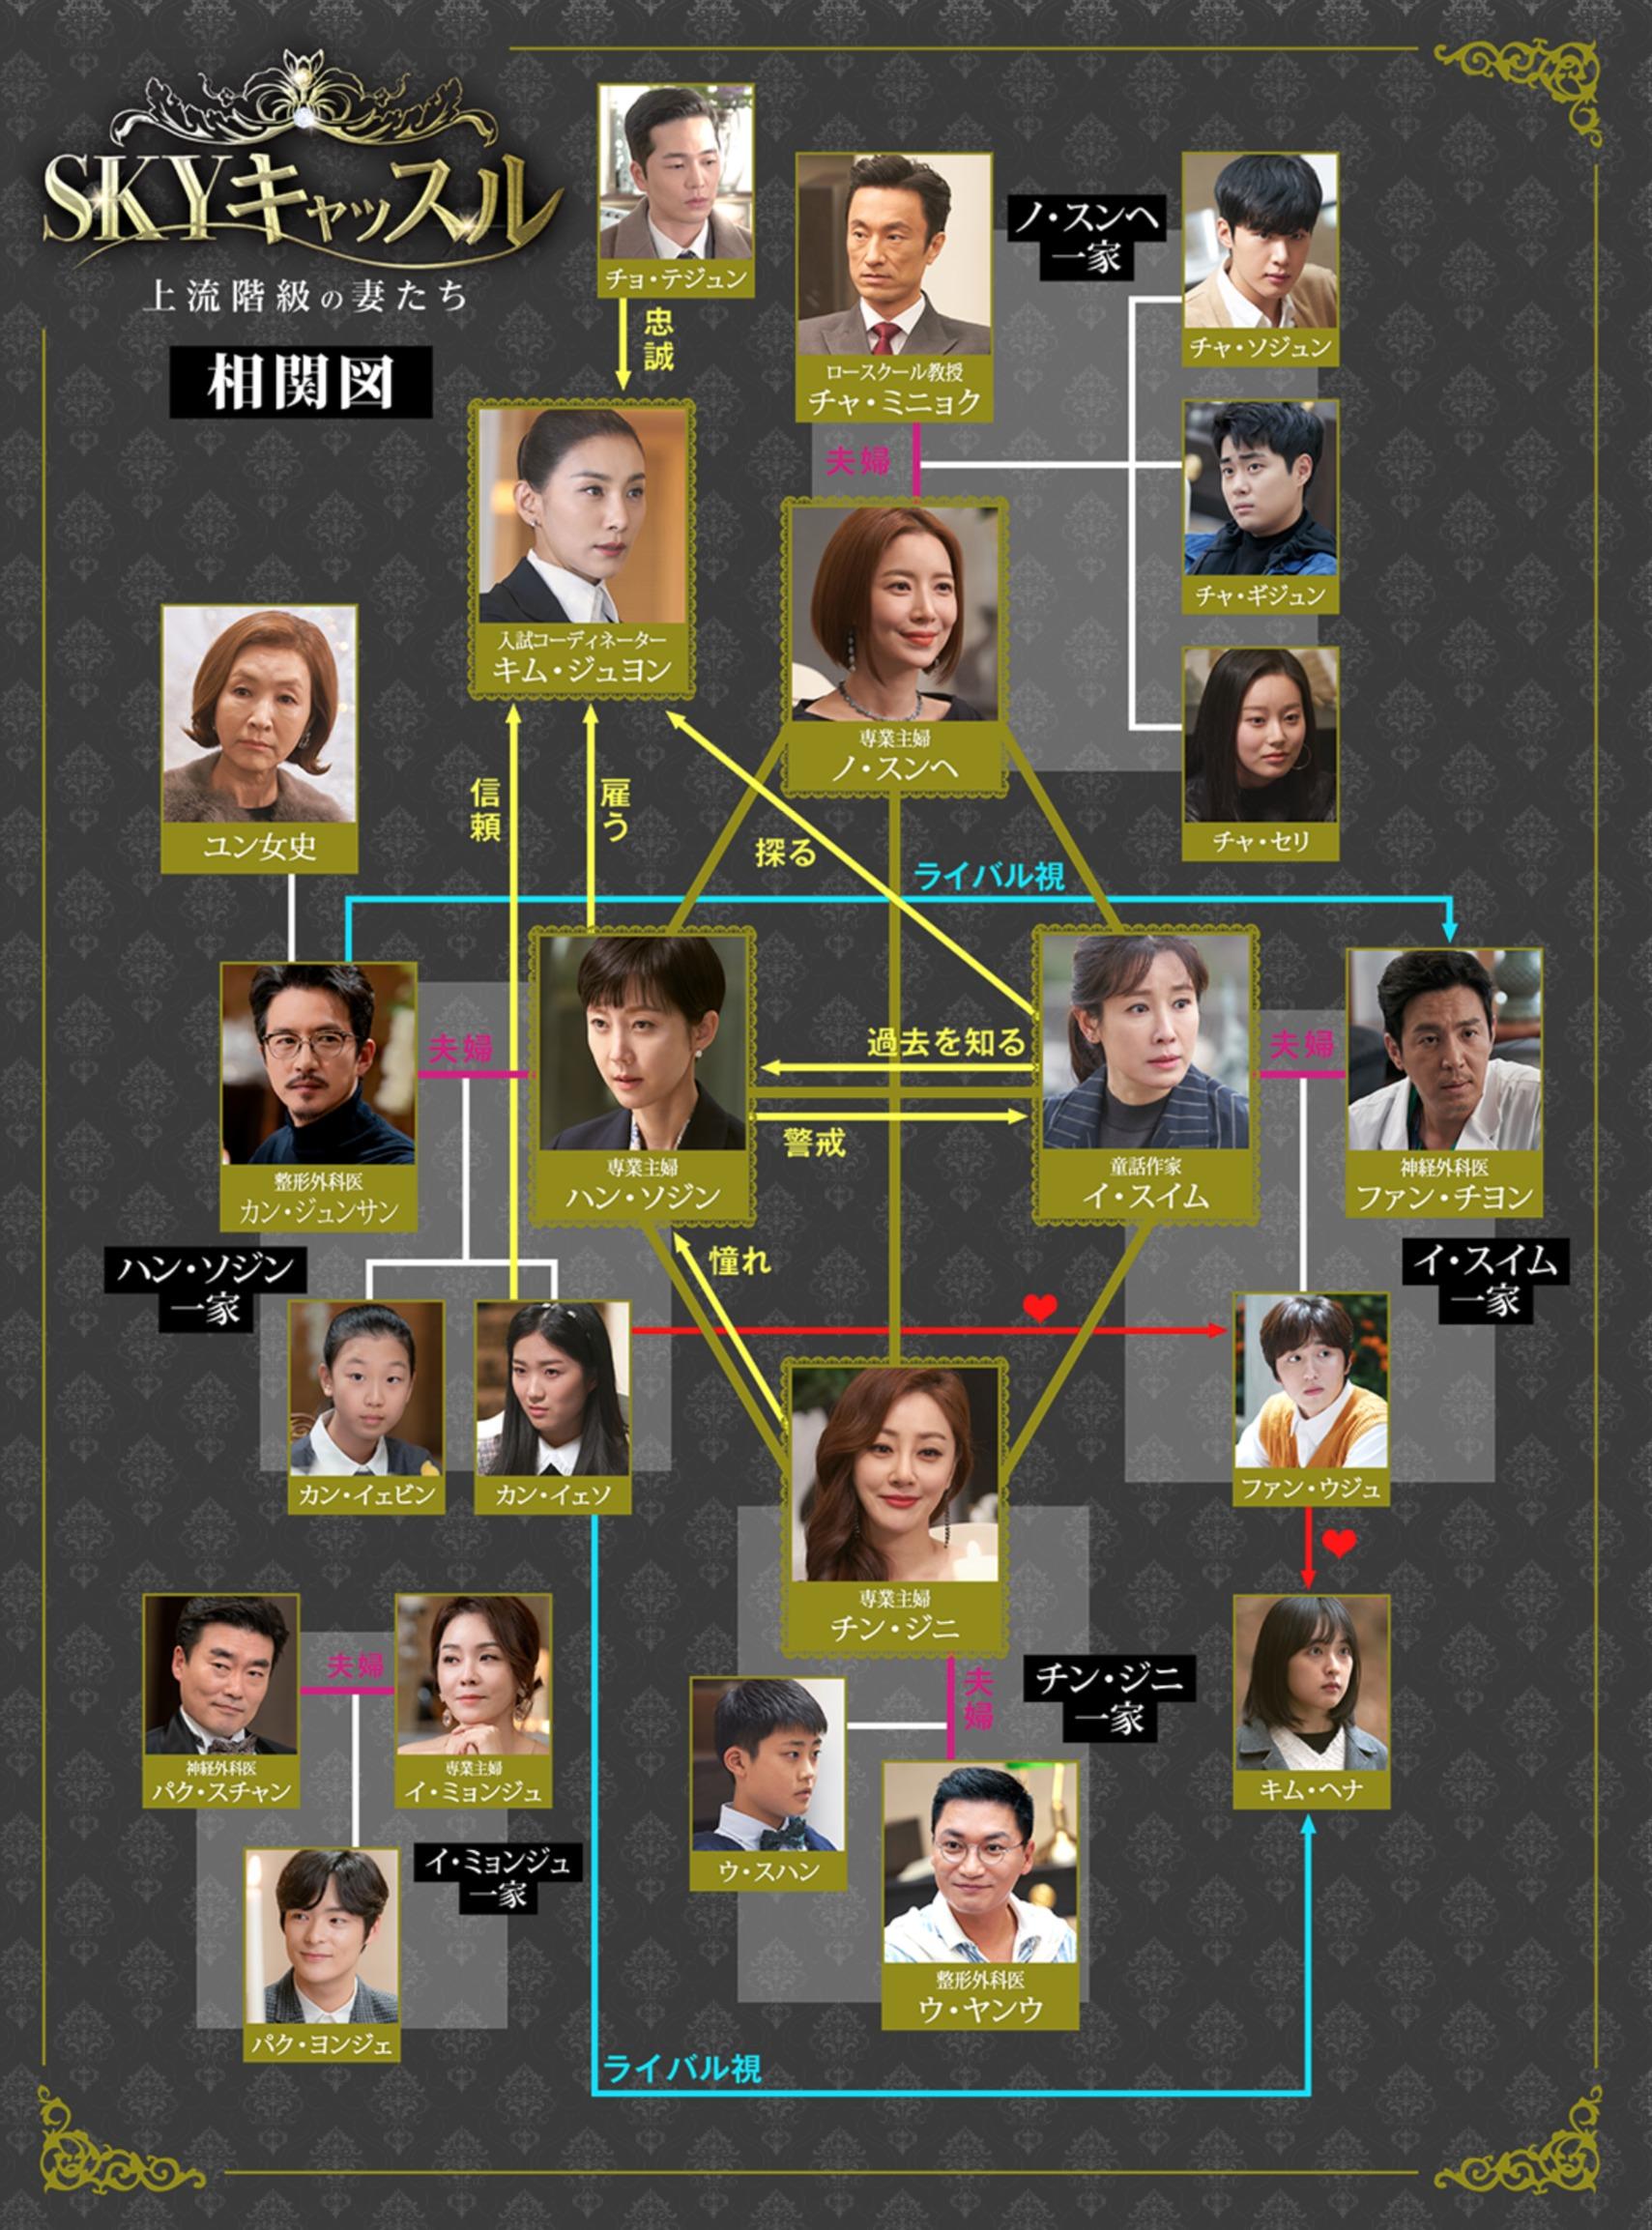 韓国ドラマ『SKYキャッスル~上流階級の妻たち~』登場人物相関図(関係図)